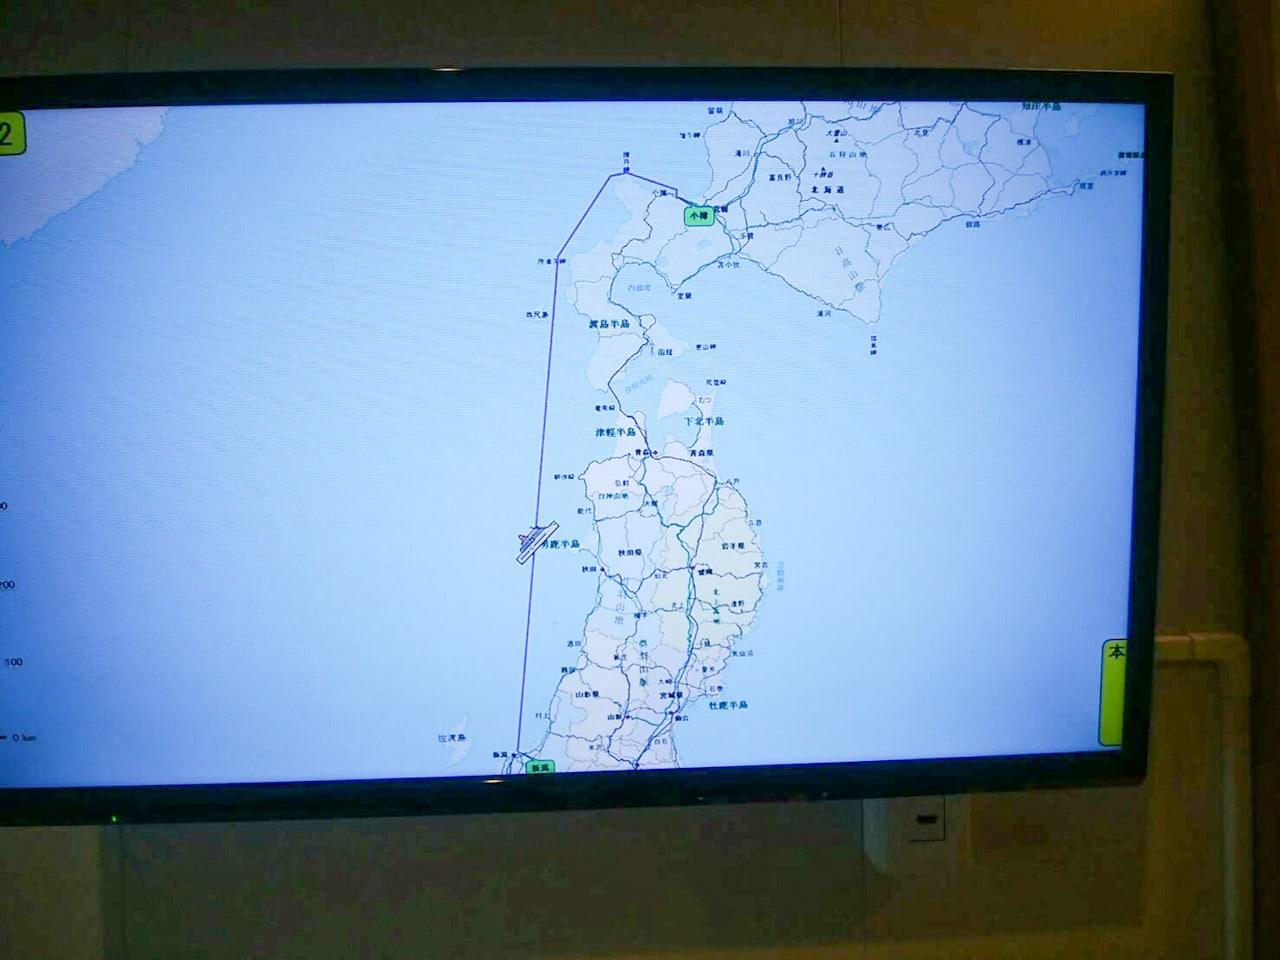 テレビで航路情報が見られる